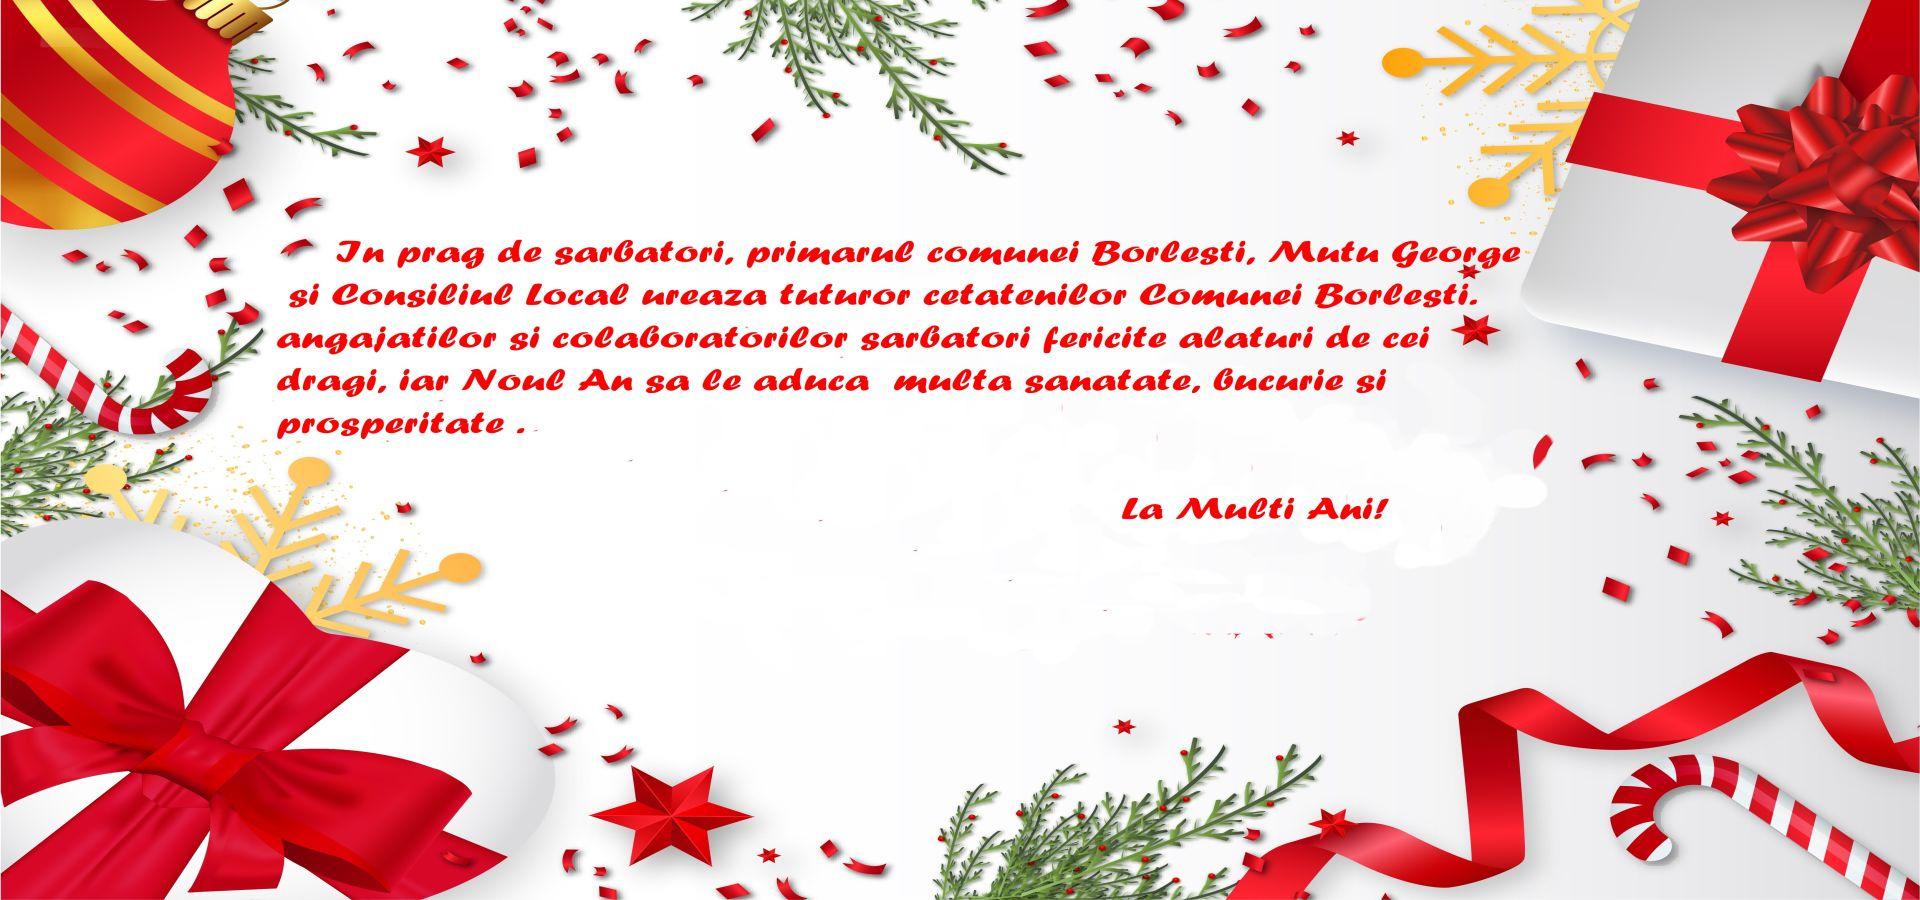 felicitare_borlesti2020a